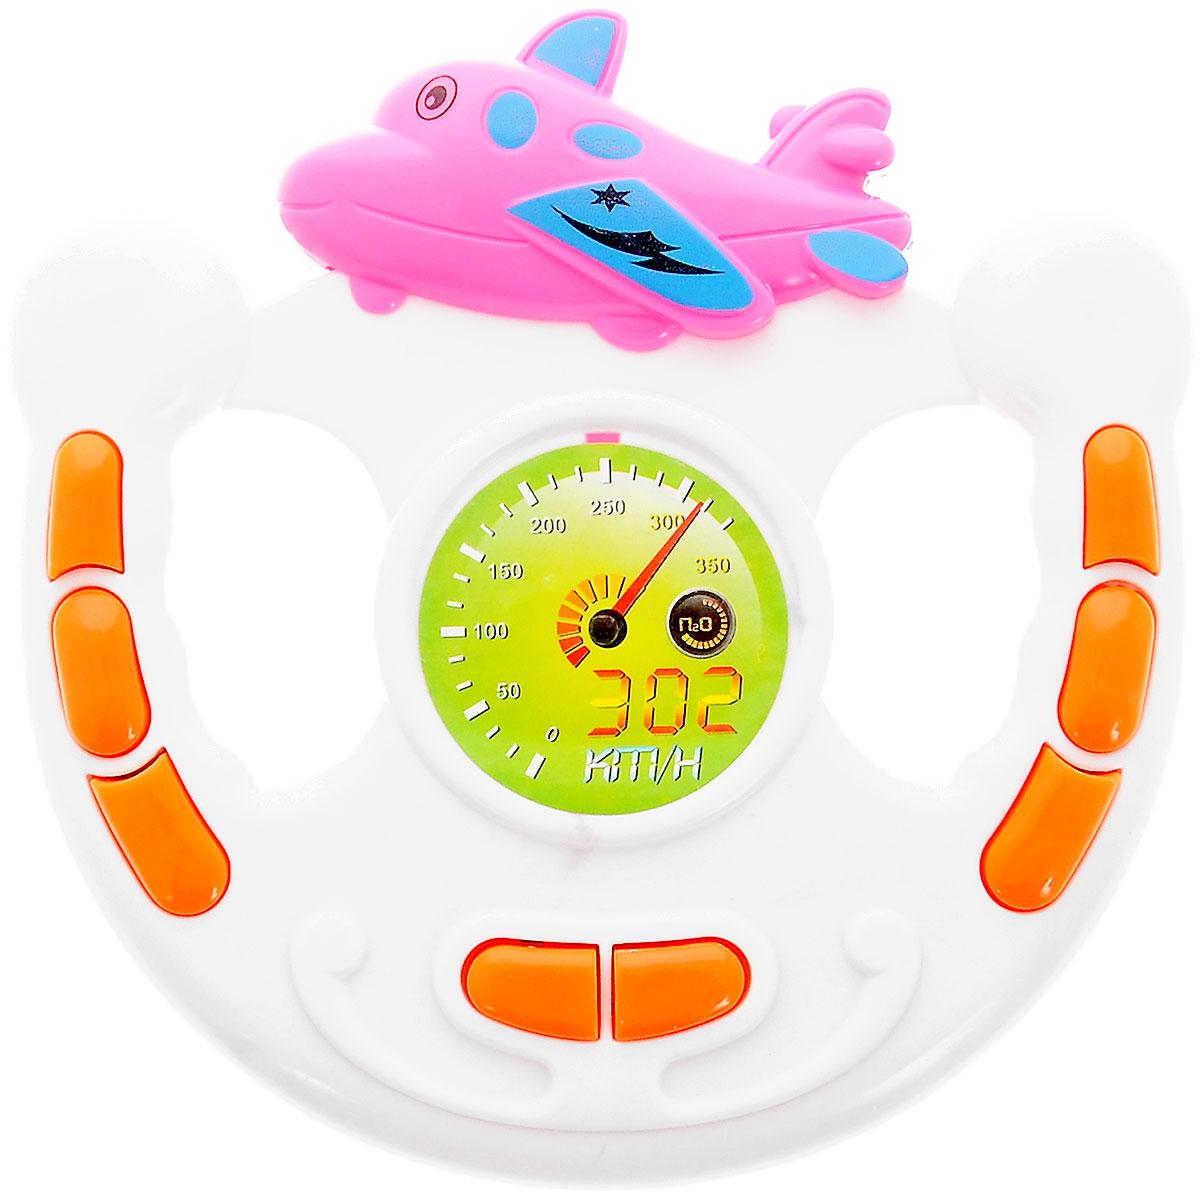 Bestценник Развивающая игрушка РульСС75443Развивающая игрушка Музыкальный руль, выполненный в ярких тонах, привлечет внимание вашего ребенка и не позволит ему скучать. Руль изготовлен из прочного высококачественного пластика. По краям игрушки имеются музыкальные кнопки оранжевого цвета, при нажатии на которые воспроизводятся разнообразные звуки. В центре игрушки бумажный круг с нарисованной шкалой скорости. Вверху руля расположена фигурка симпатичного розового самолетика. Игрушка развивает концентрацию внимания, координацию, цветовое восприятие, моторику и слух. Для работы требуются 2 батарейки типа АА (не входят в комплект).